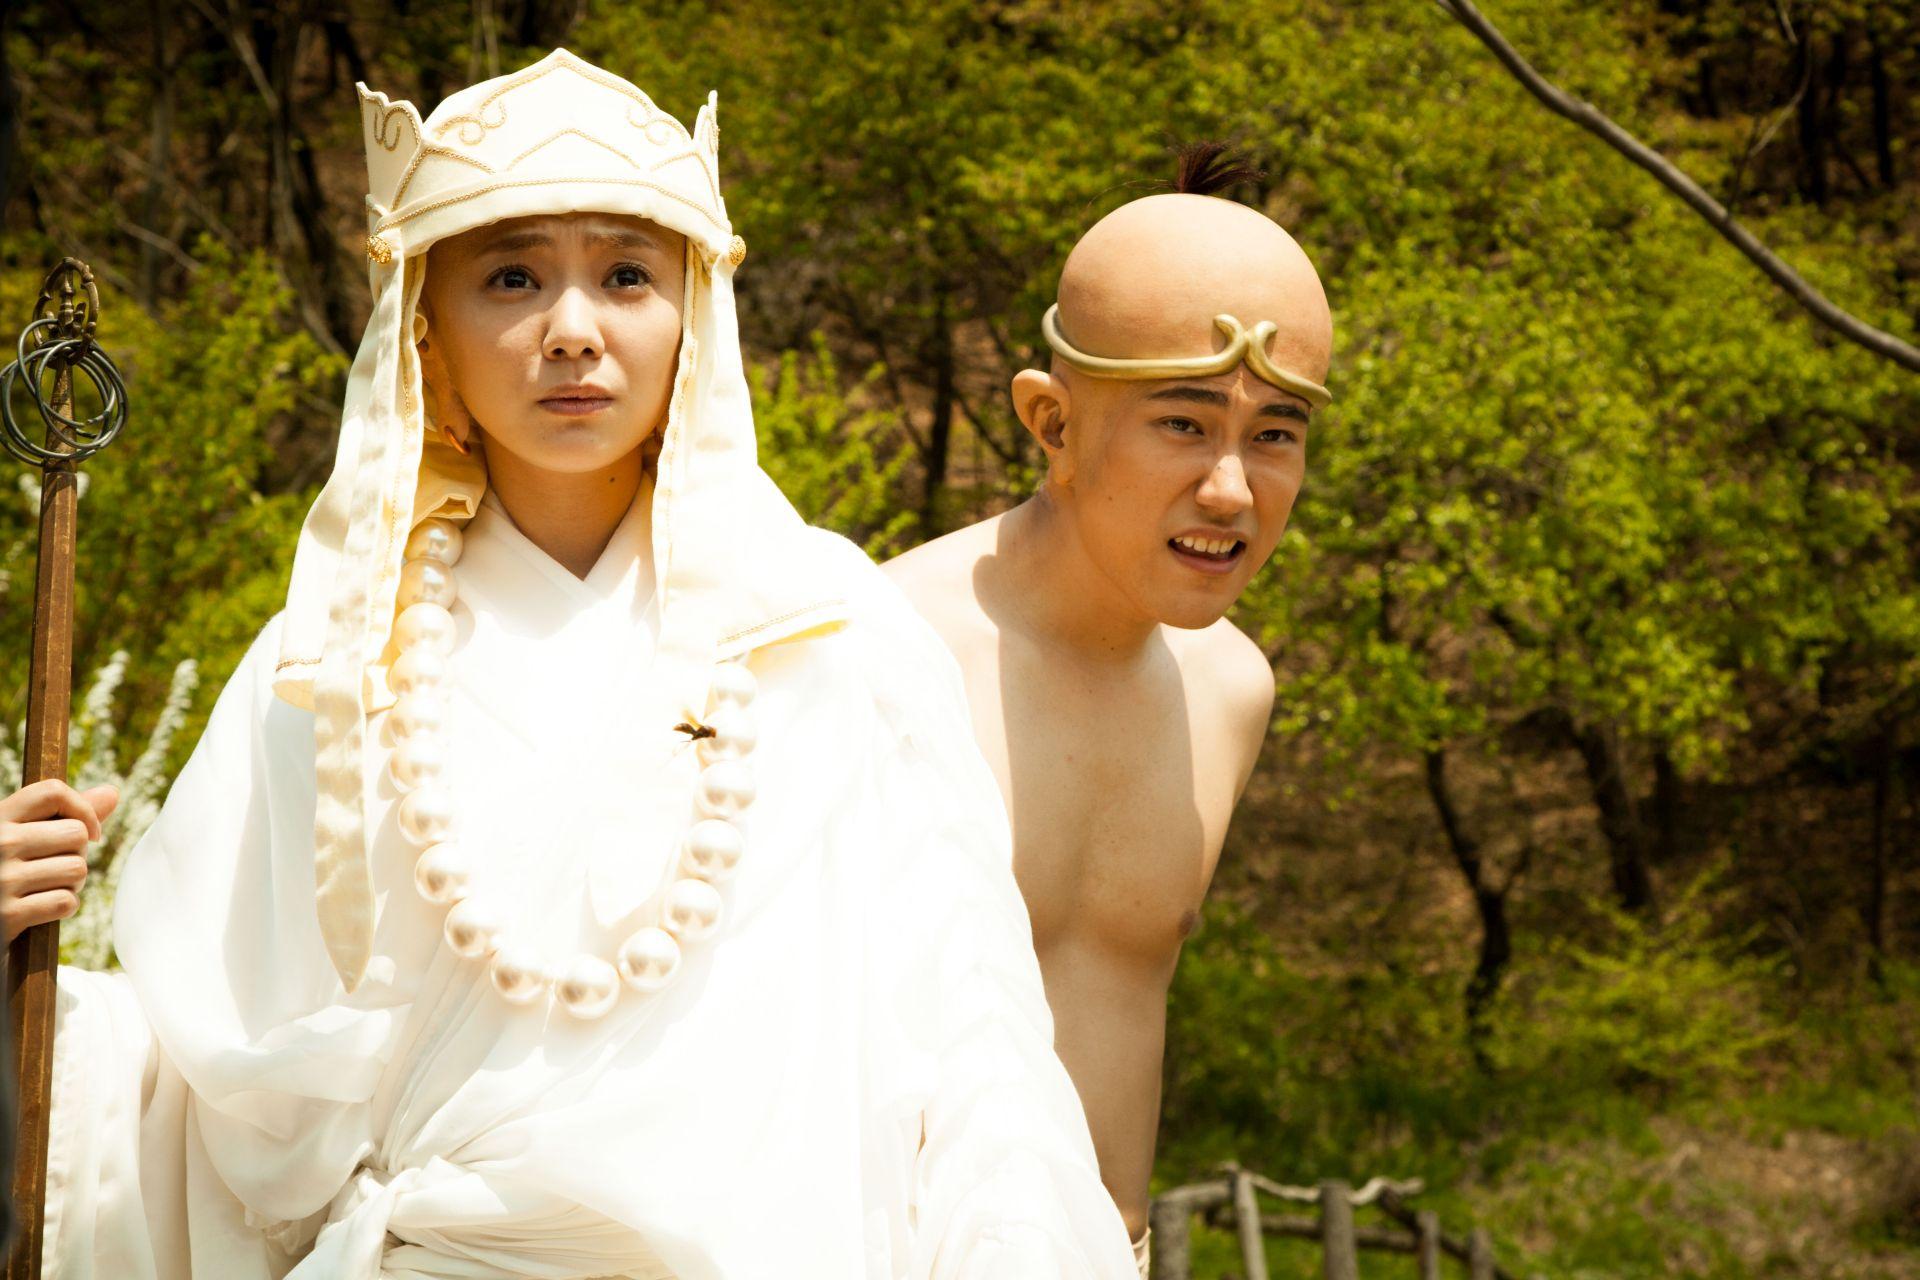 2月27日公開、映画『珍遊記』メインビジュアル (C)漫☆画太郎/集英社・「珍遊記」製作委員会